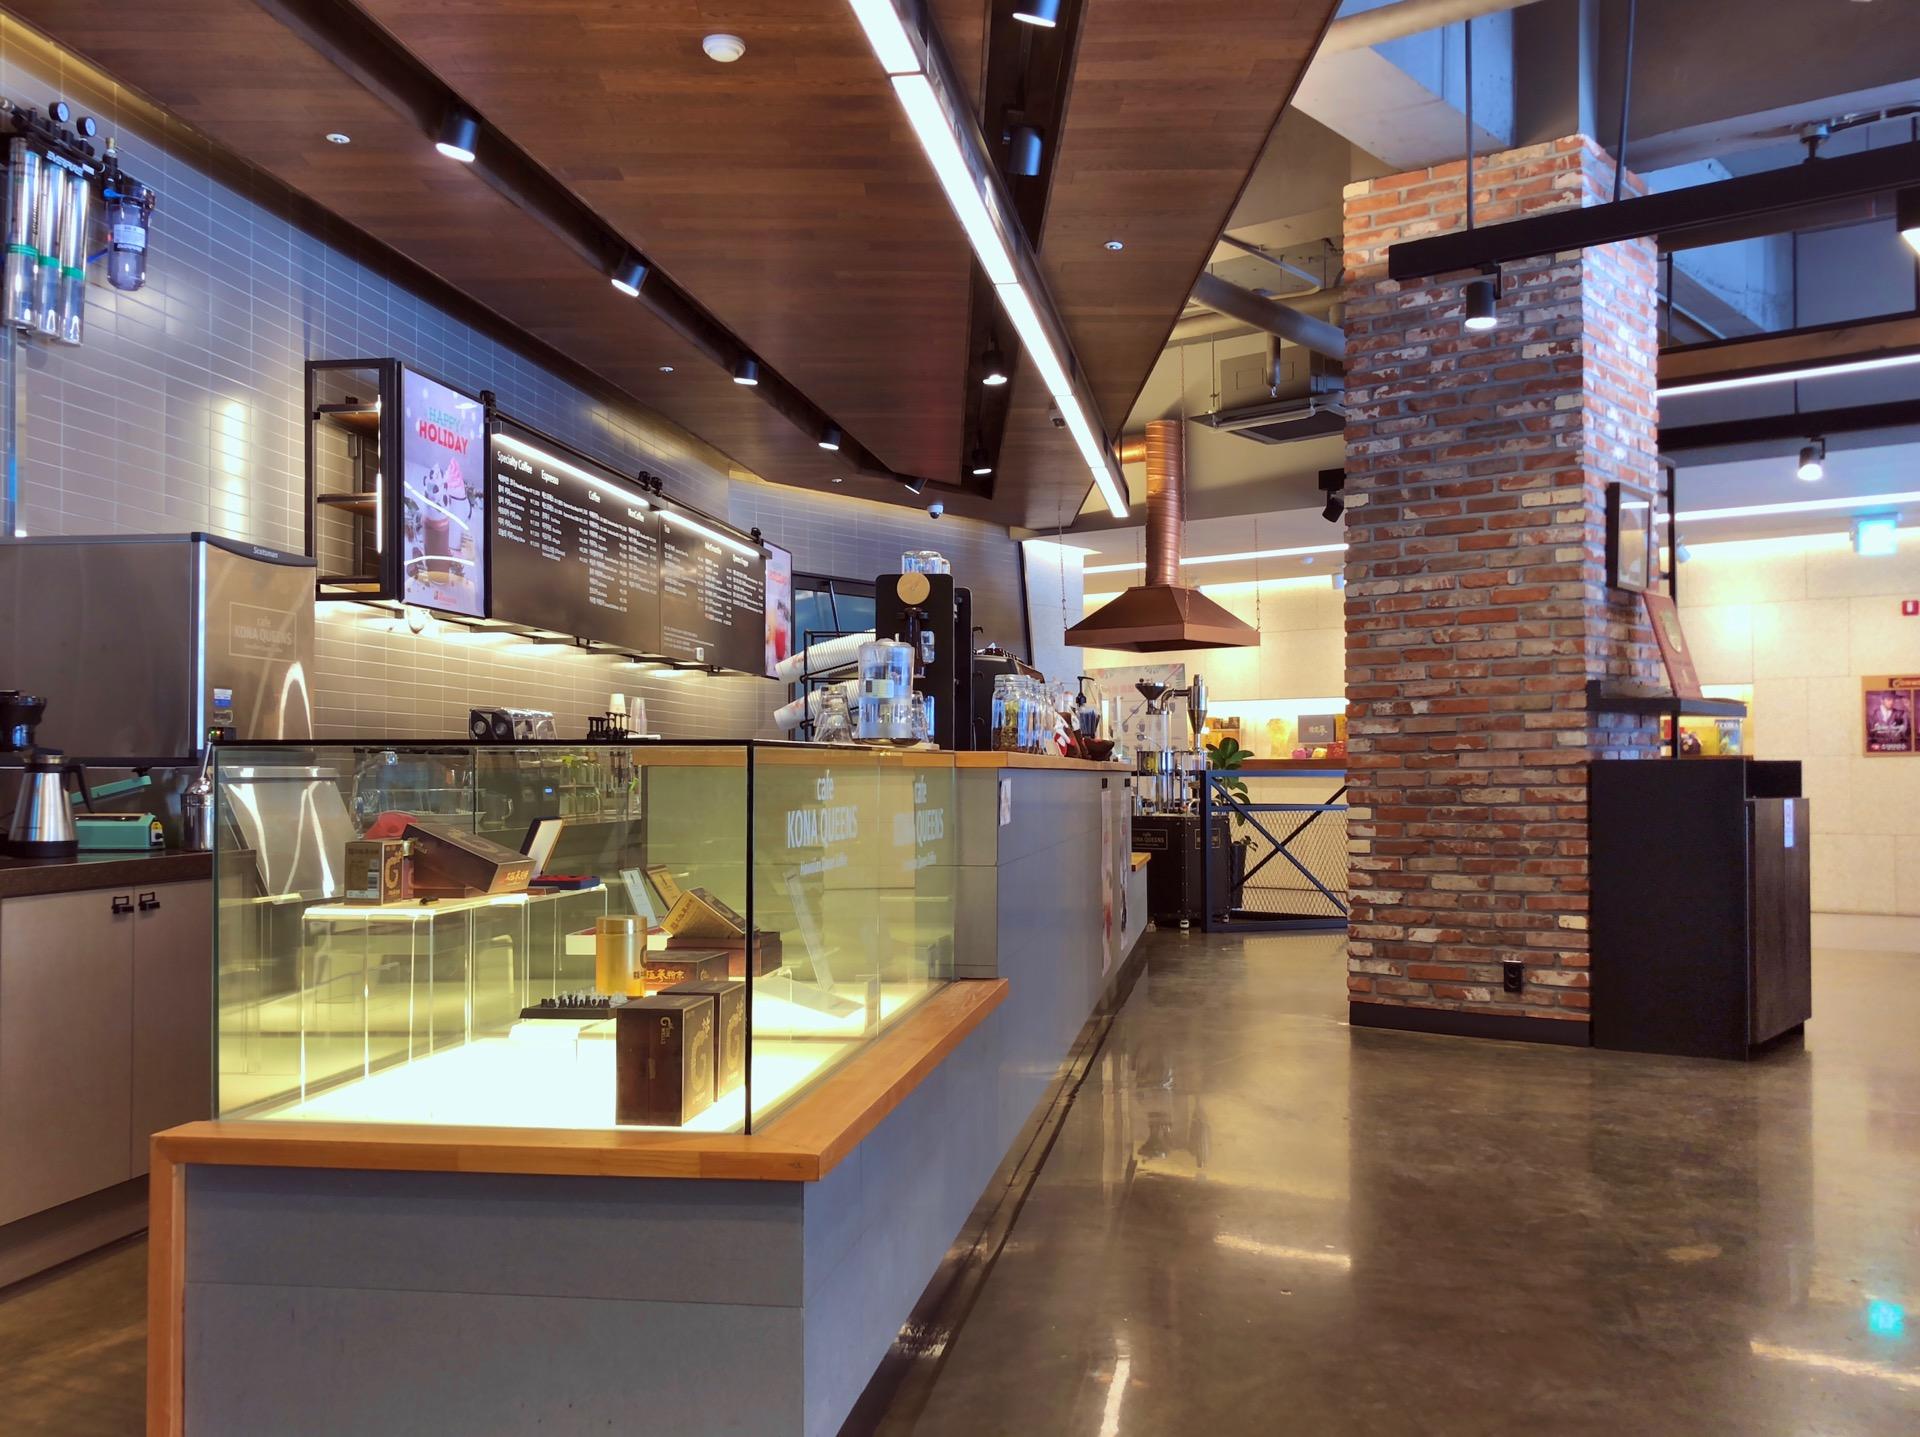 cafe KONA QUEENS   서울특별시 종로구 자하문로 280 청하빌딩   +82 70-4411-0150